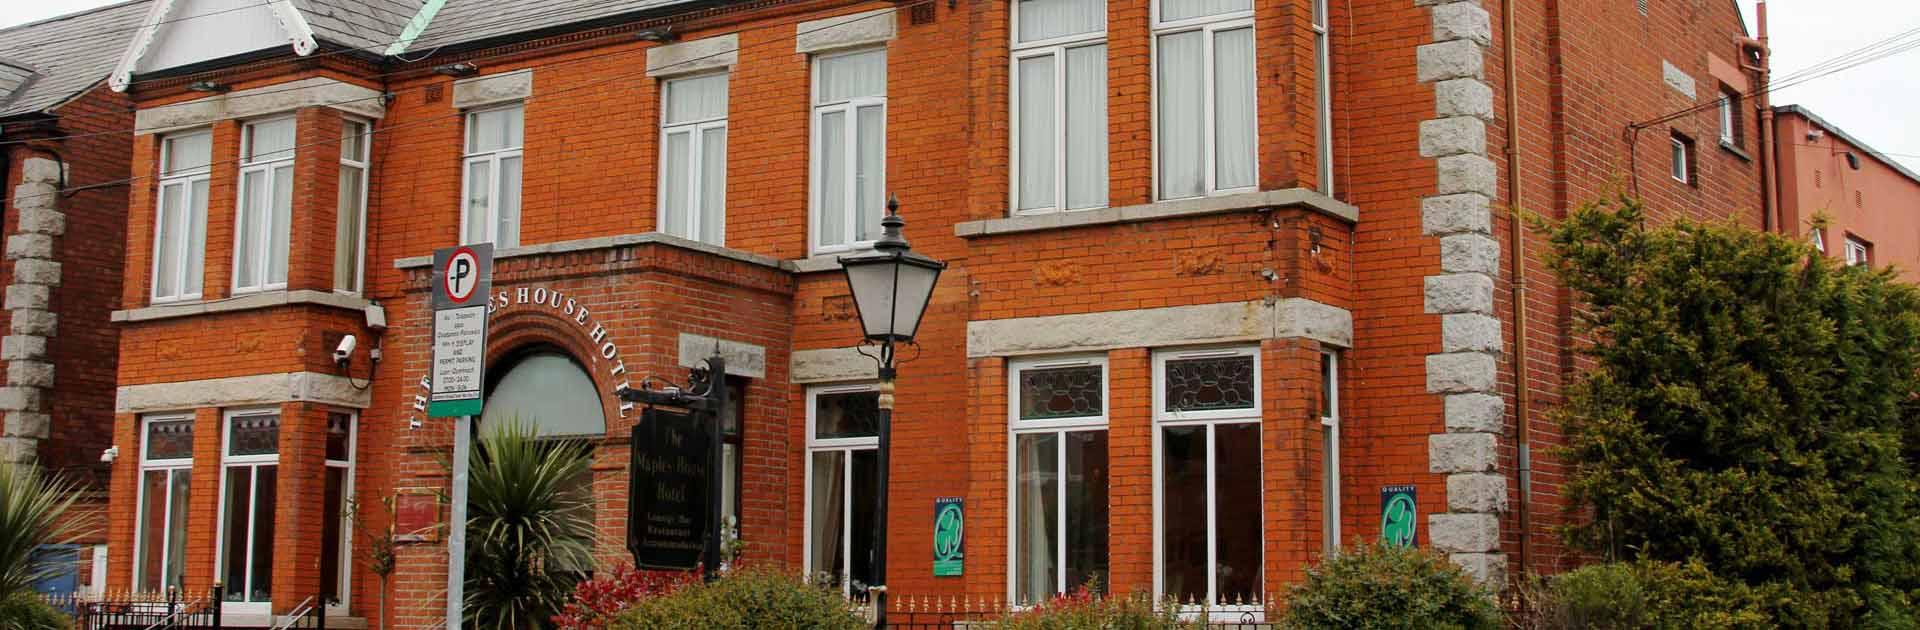 Offizielle Website Glasnevin Dublin 9 Hotel Gunstige Hochzeiten